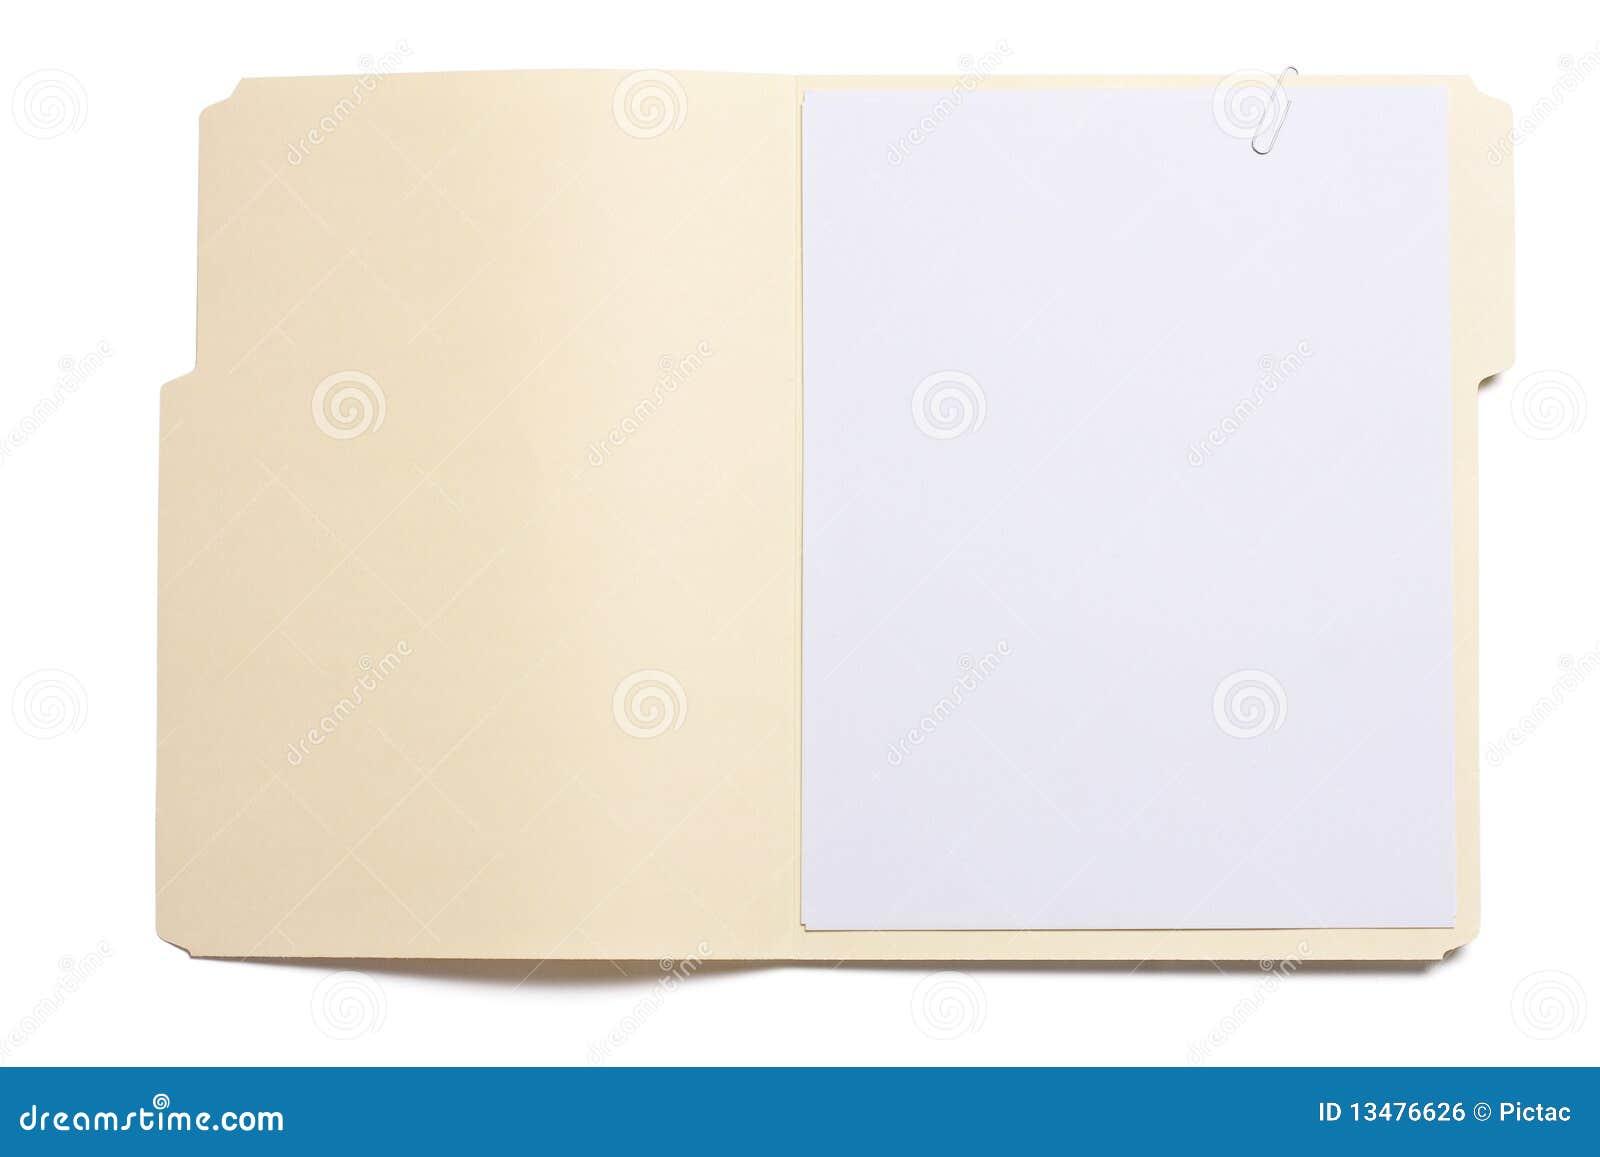 Opened File Folder Royalty Free Stock Image - Image: 13476626